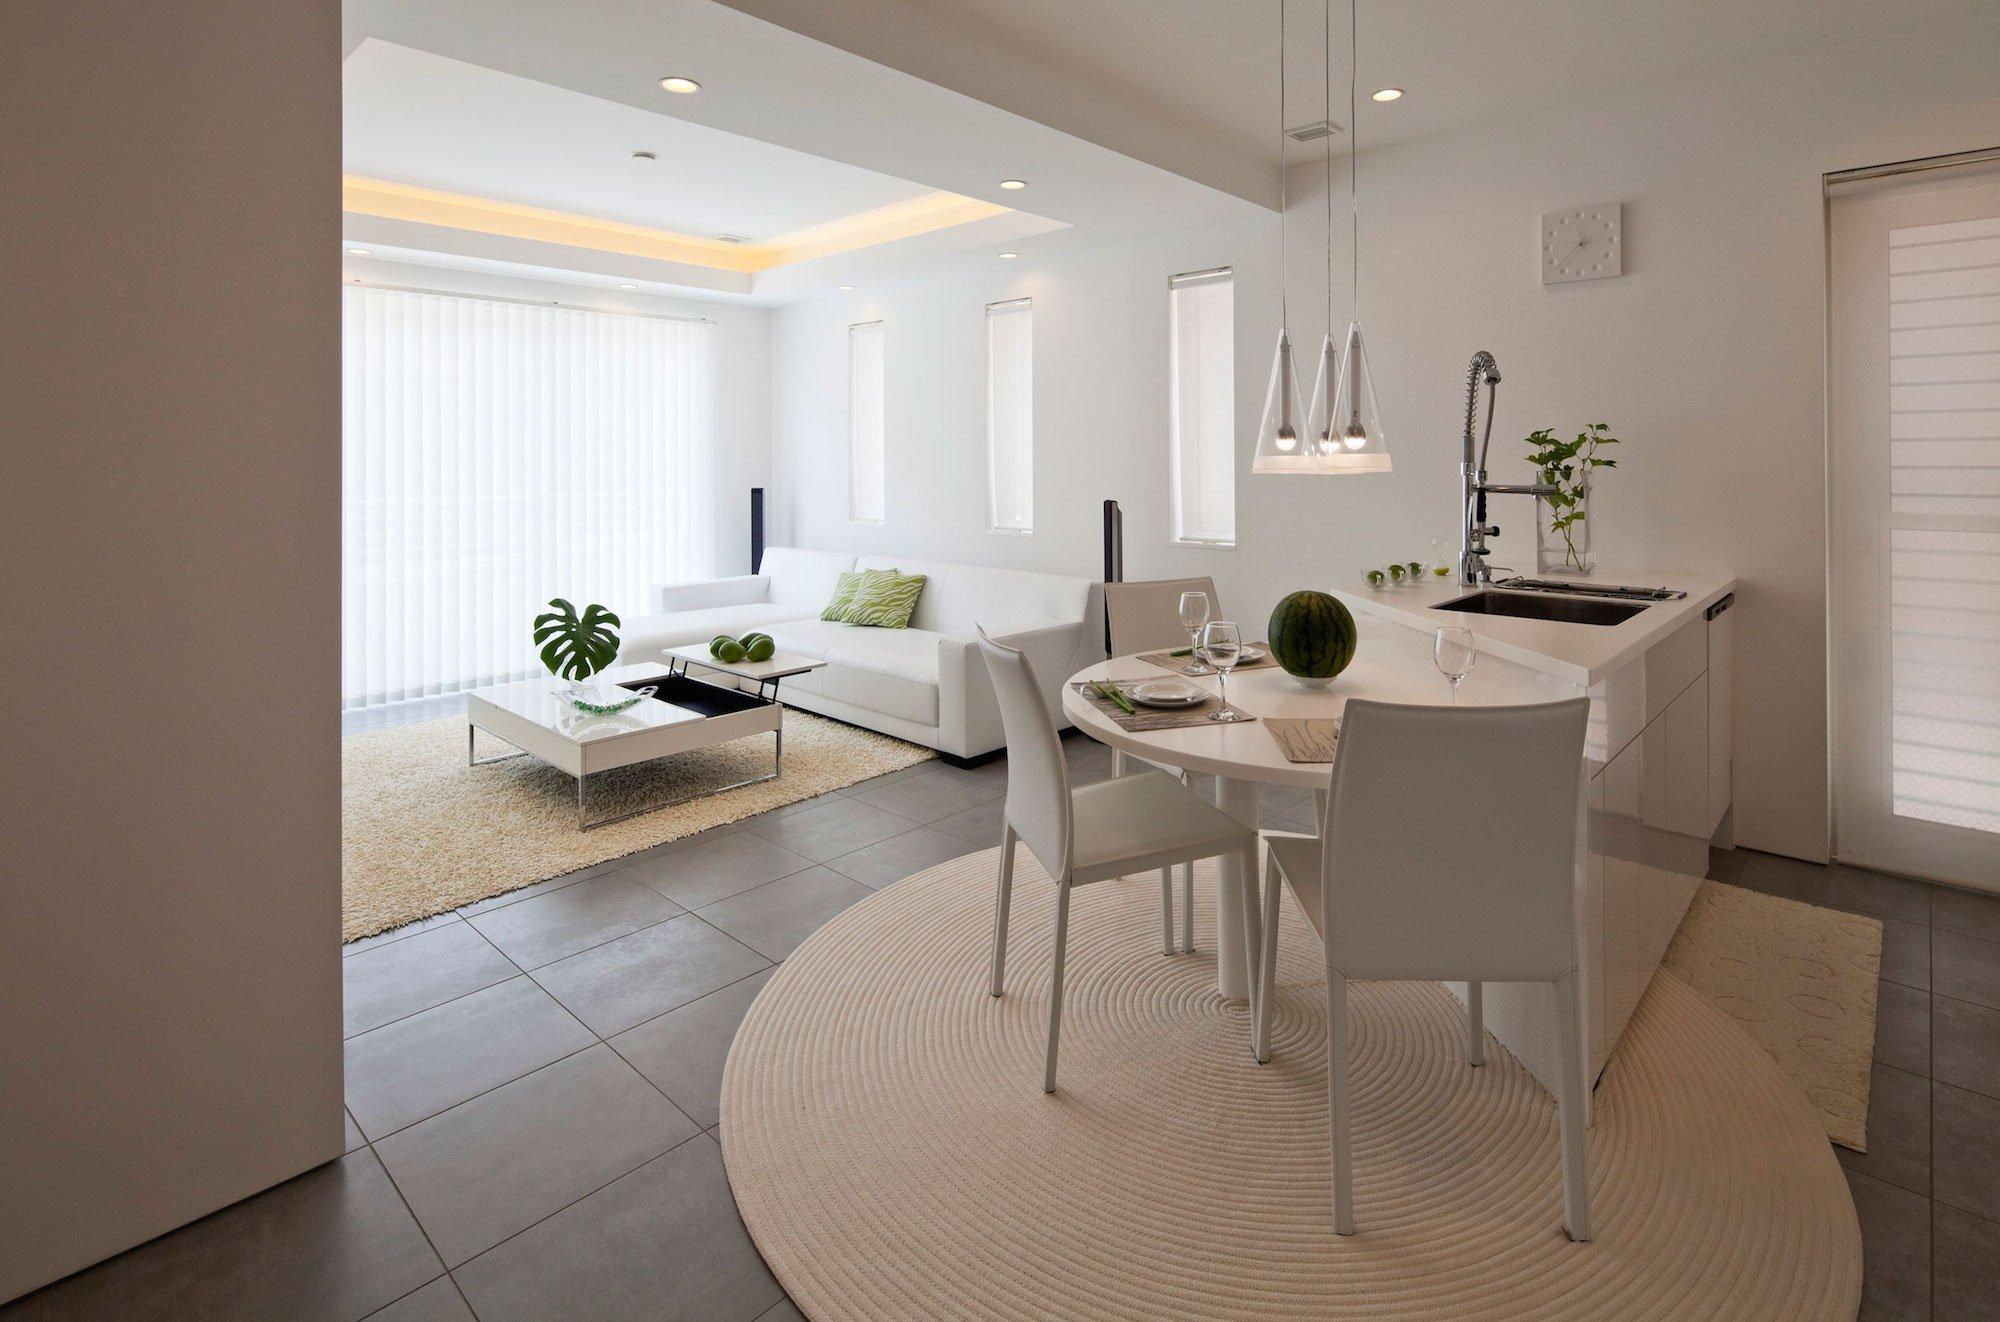 Modern Zen Design House by RCK Design CAANdesign Architecture